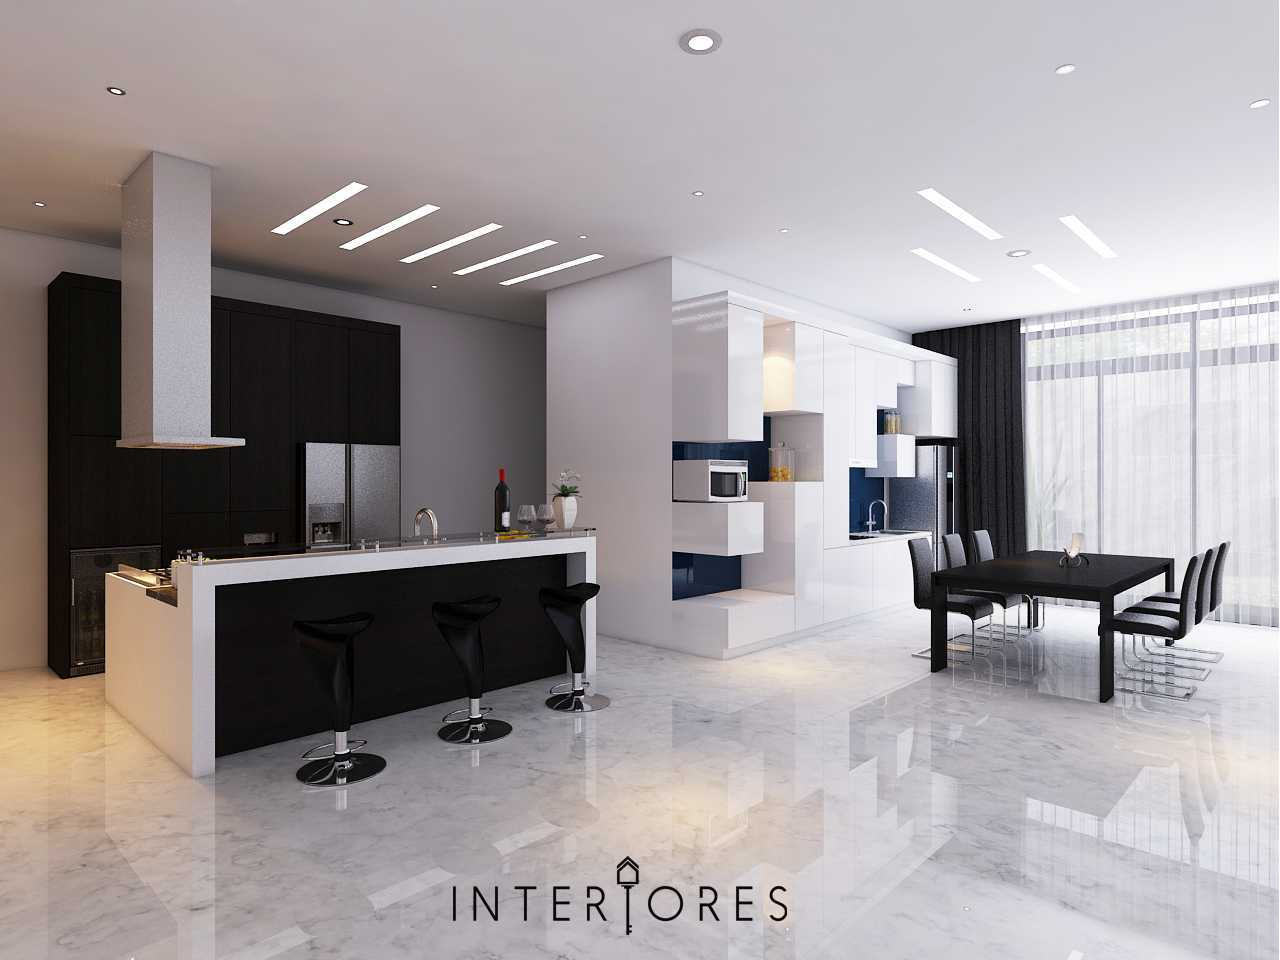 Interiores Interior Consultant & Build Sutera Onyx Alam Sutera Alam Sutera Dapur-Kotor-Dapur-Bersih Modern  17710